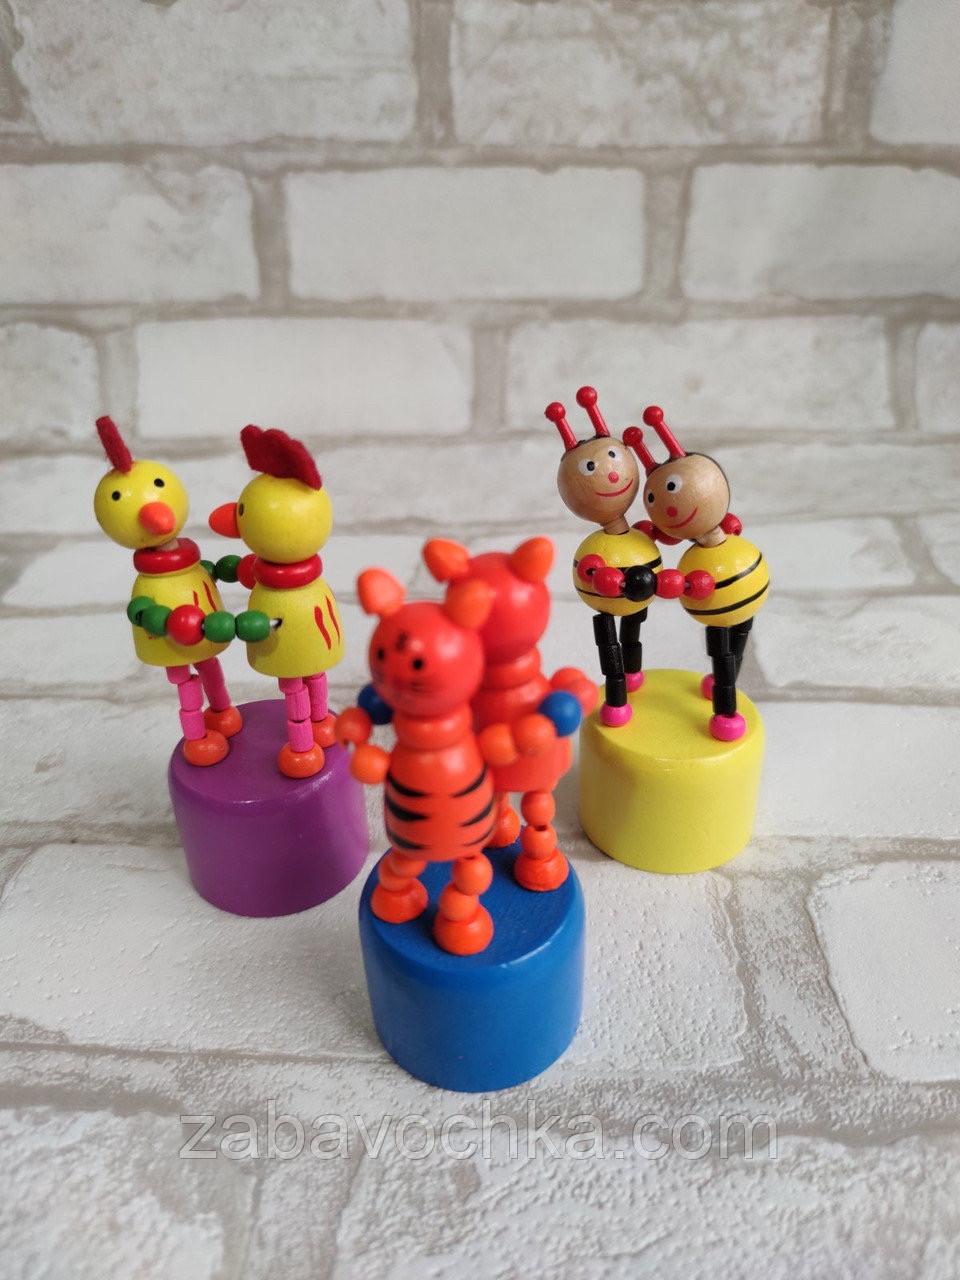 Дерев'яна іграшка «танцююча парочка» Висота 9-10 см 45/55 грн (ціна за 1 шт +10 грн)